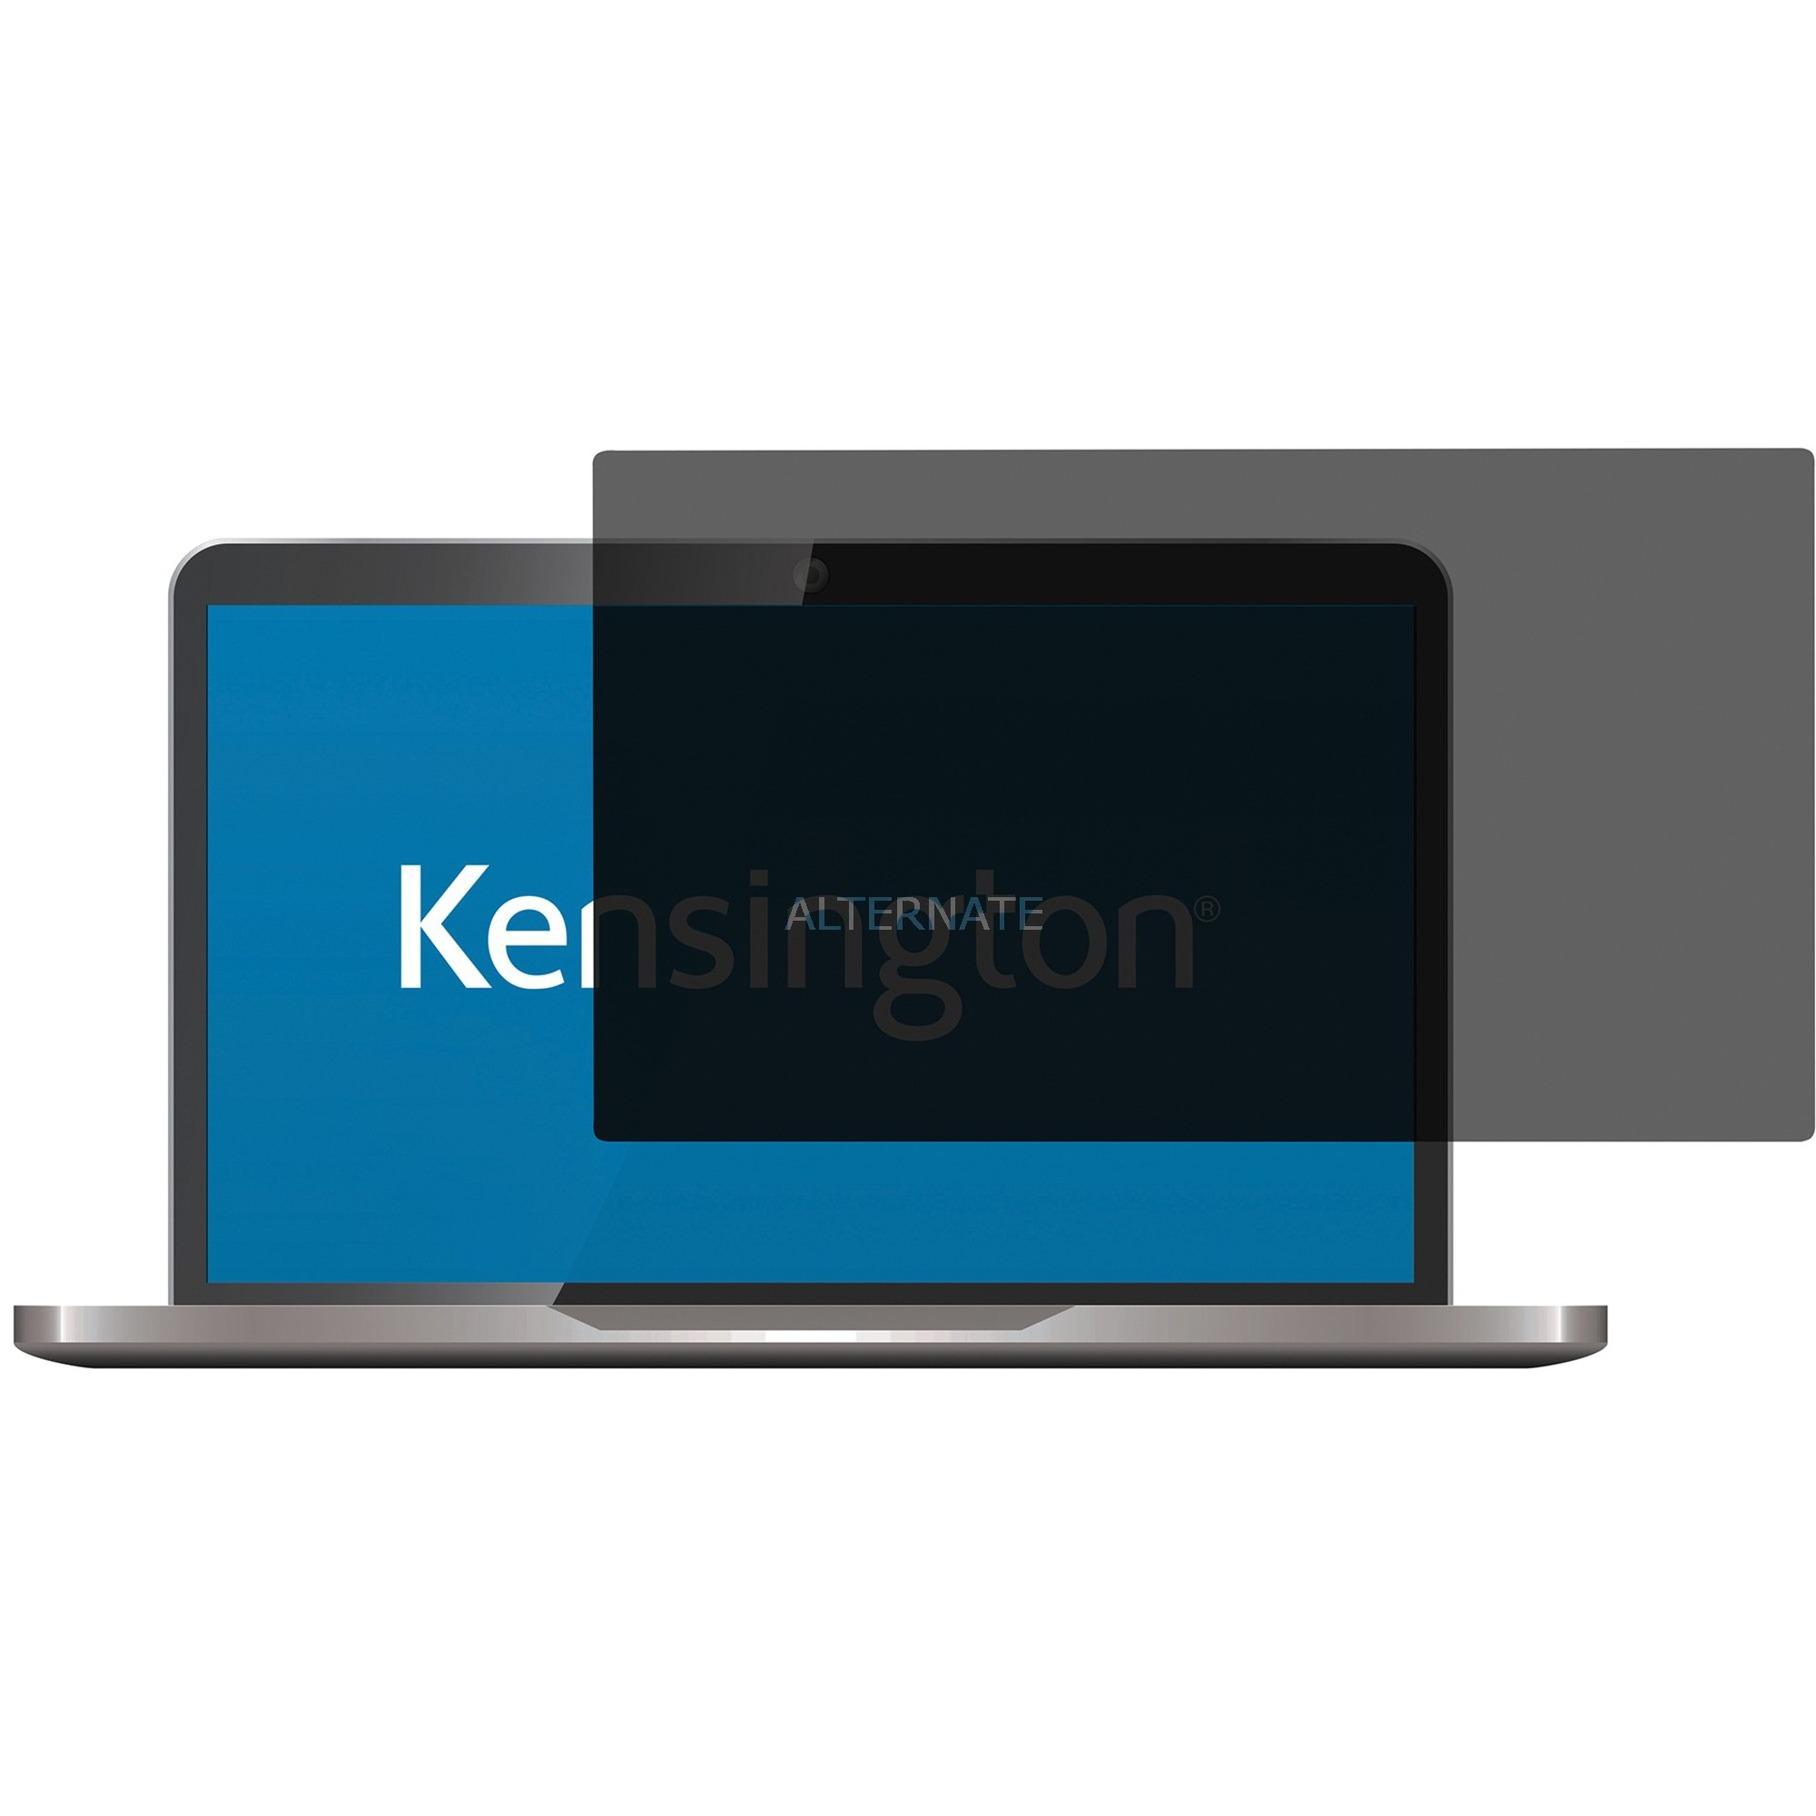 626458 filtro para monitor Filtro de privacidad para pantallas sin marco